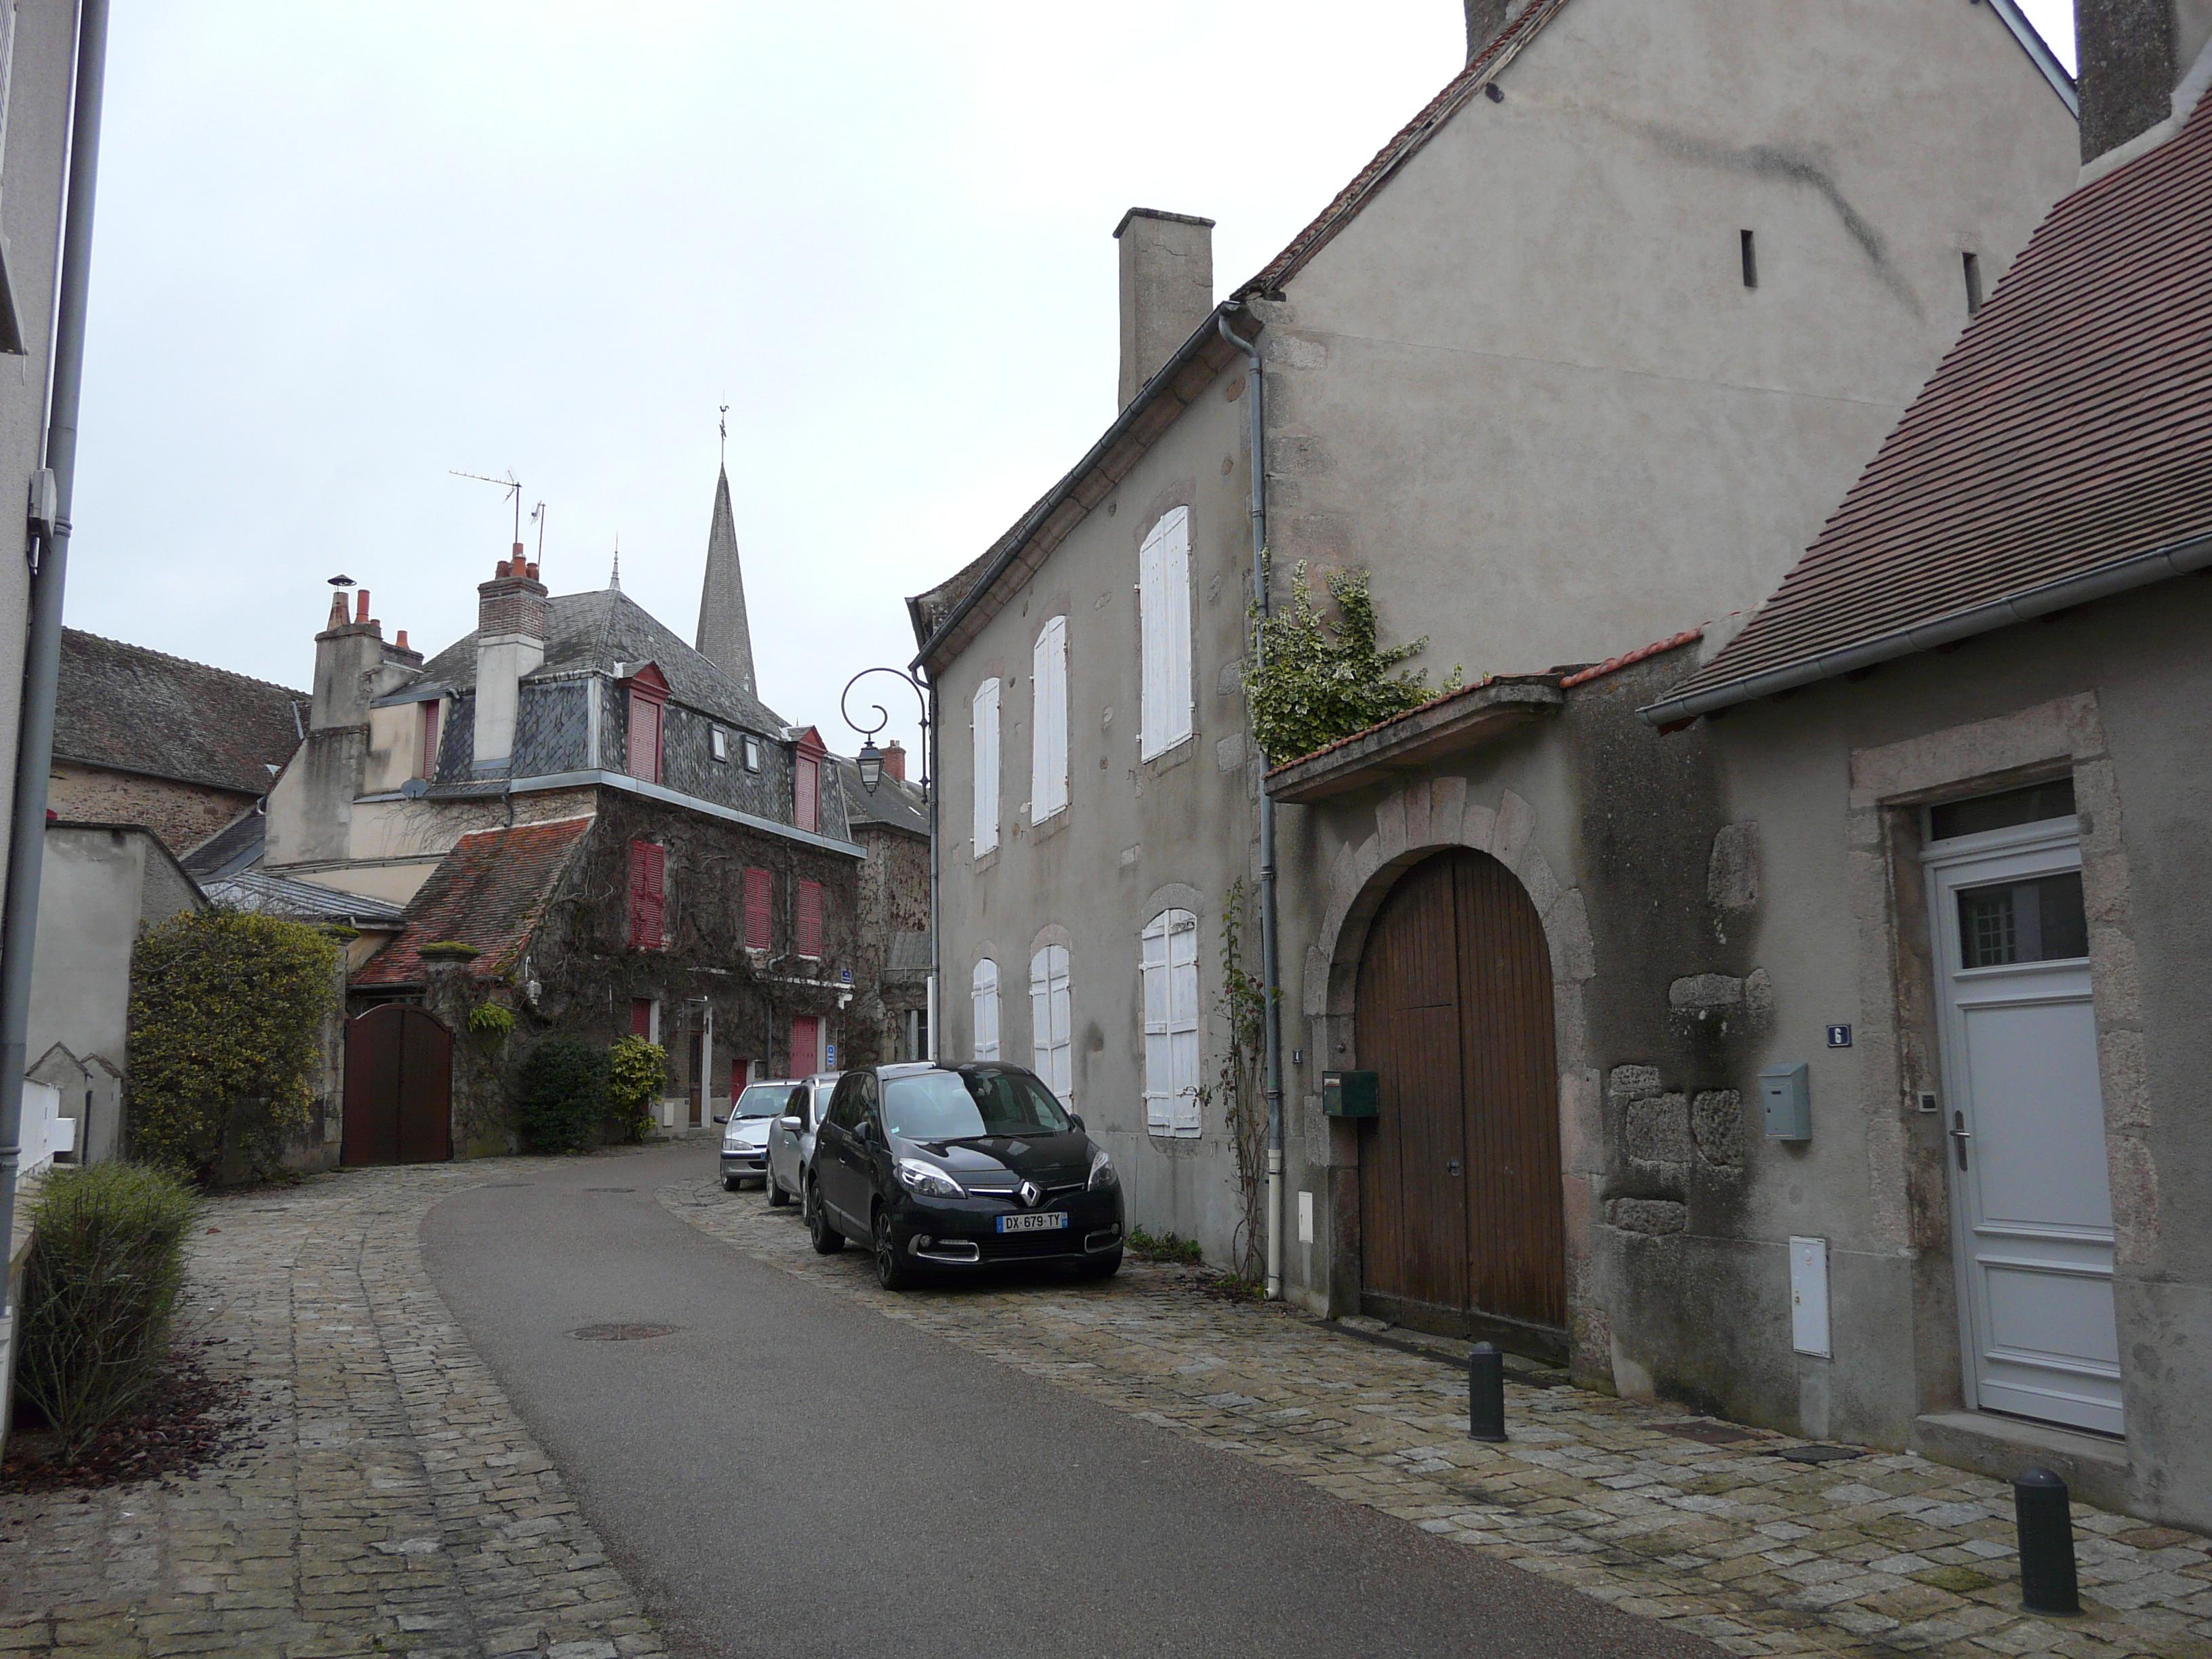 Demeure de charme au coeur du village médiéval de Boussac